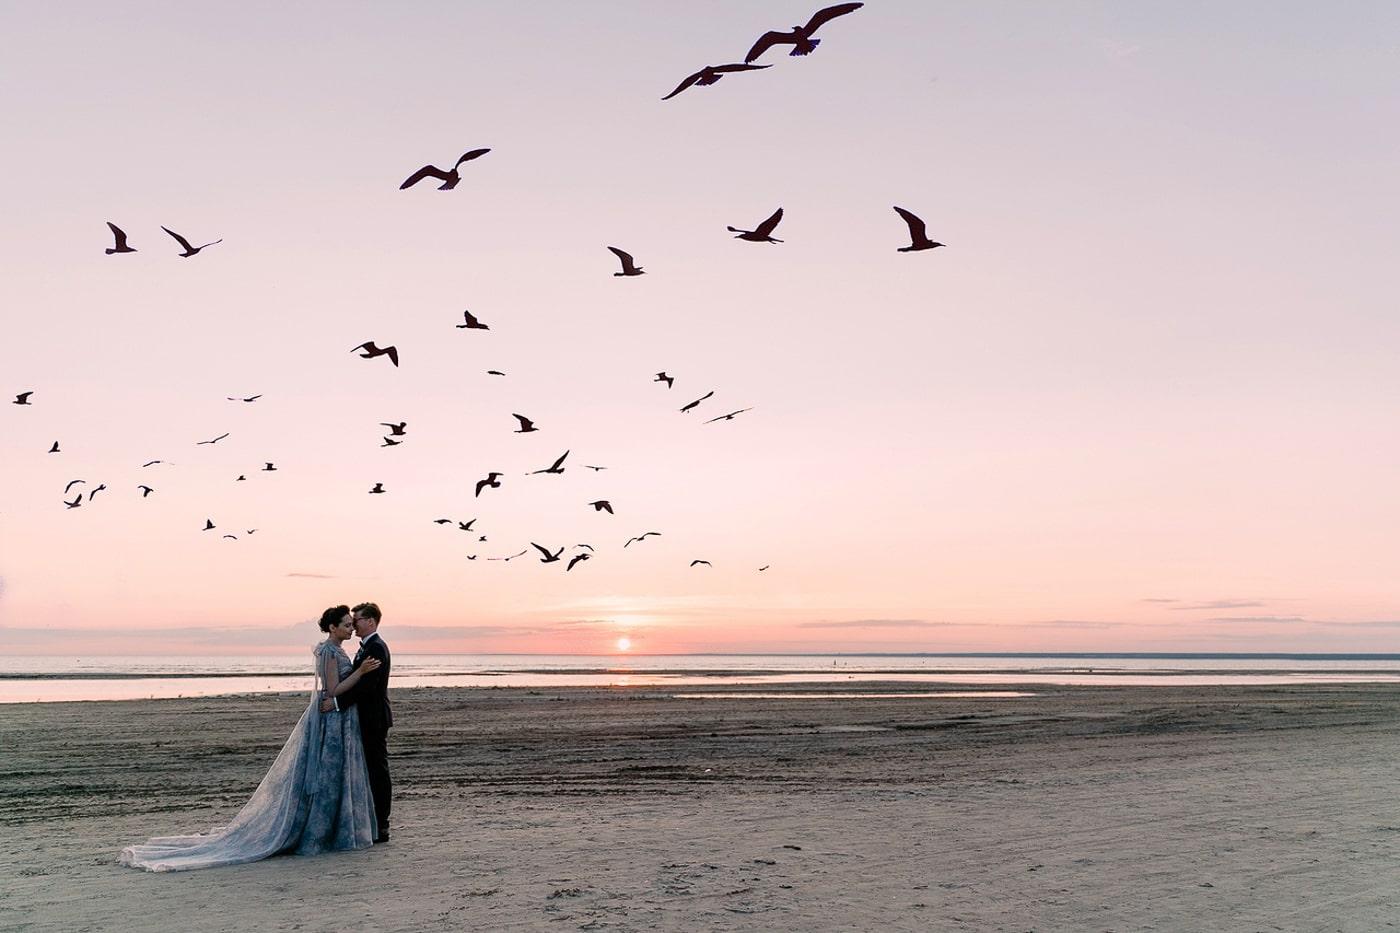 kak-organizovat-svadbu-11-21-min